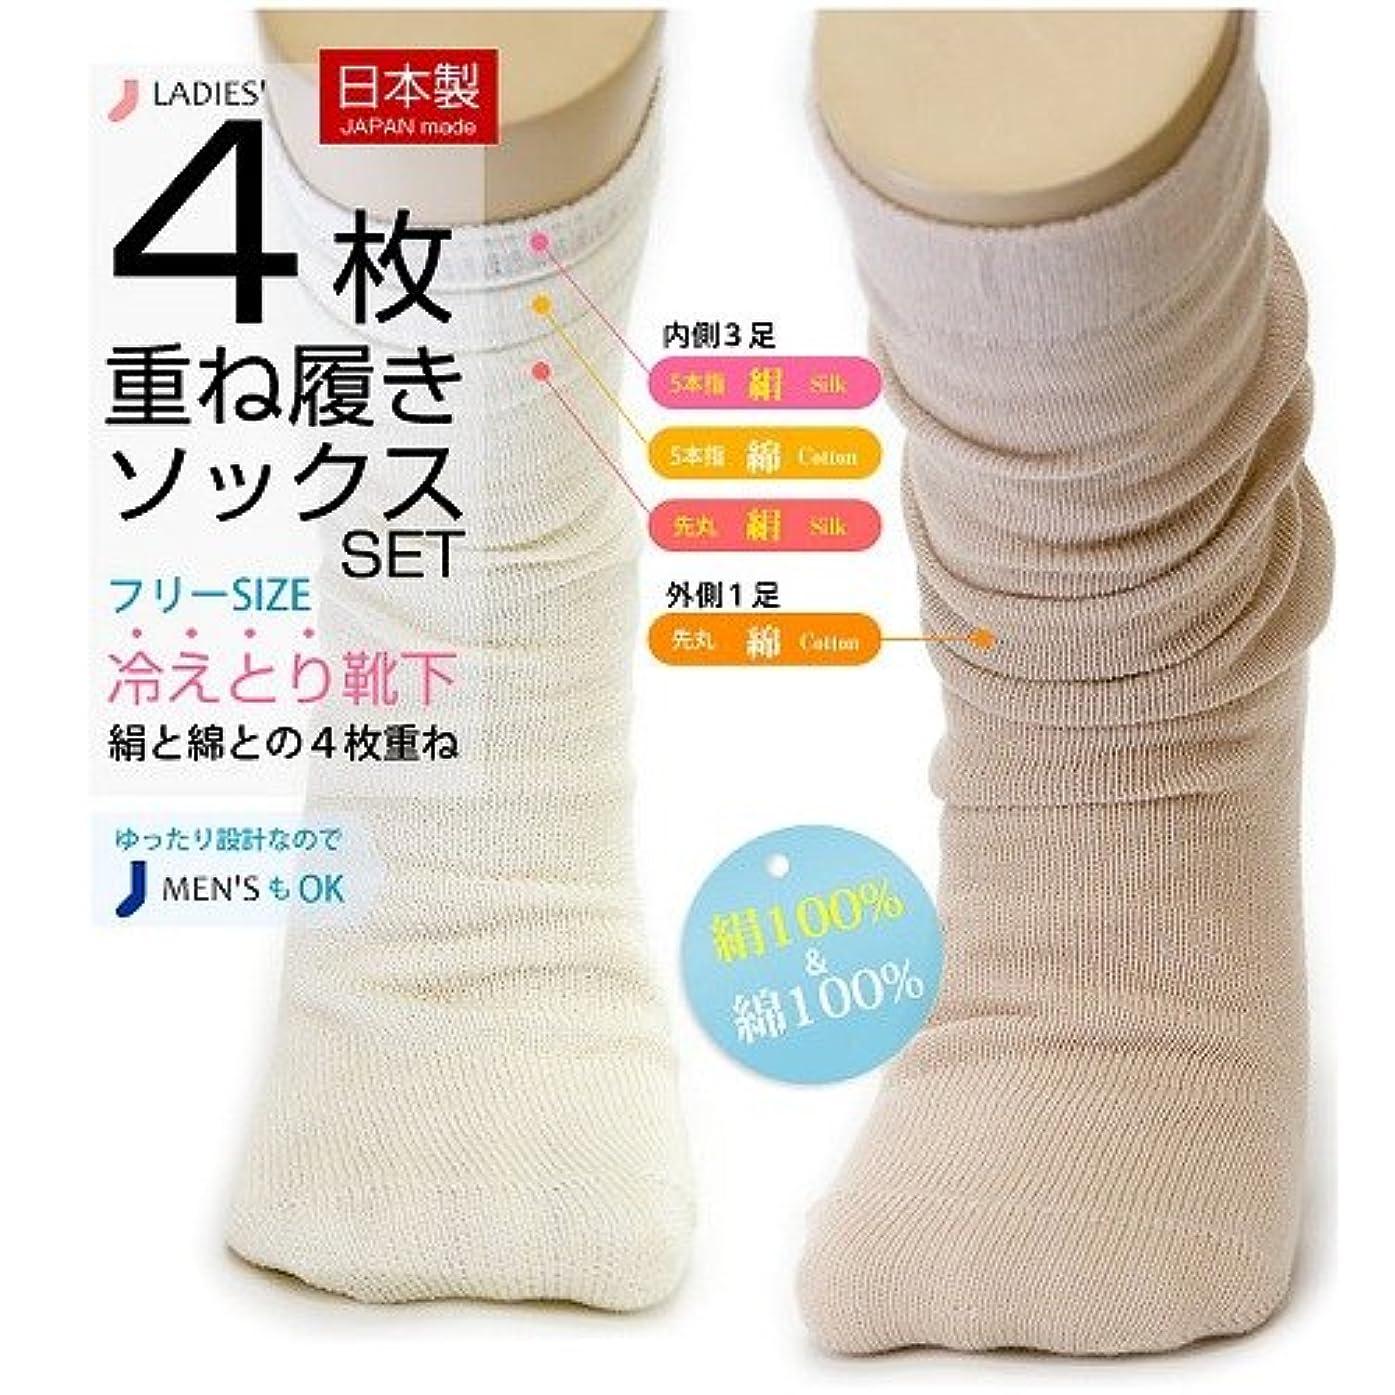 立証する移行する評判冷え取り靴下 綿100%とシルク100% 最高級の日本製 4枚重ねばきセット(外側チャコール)